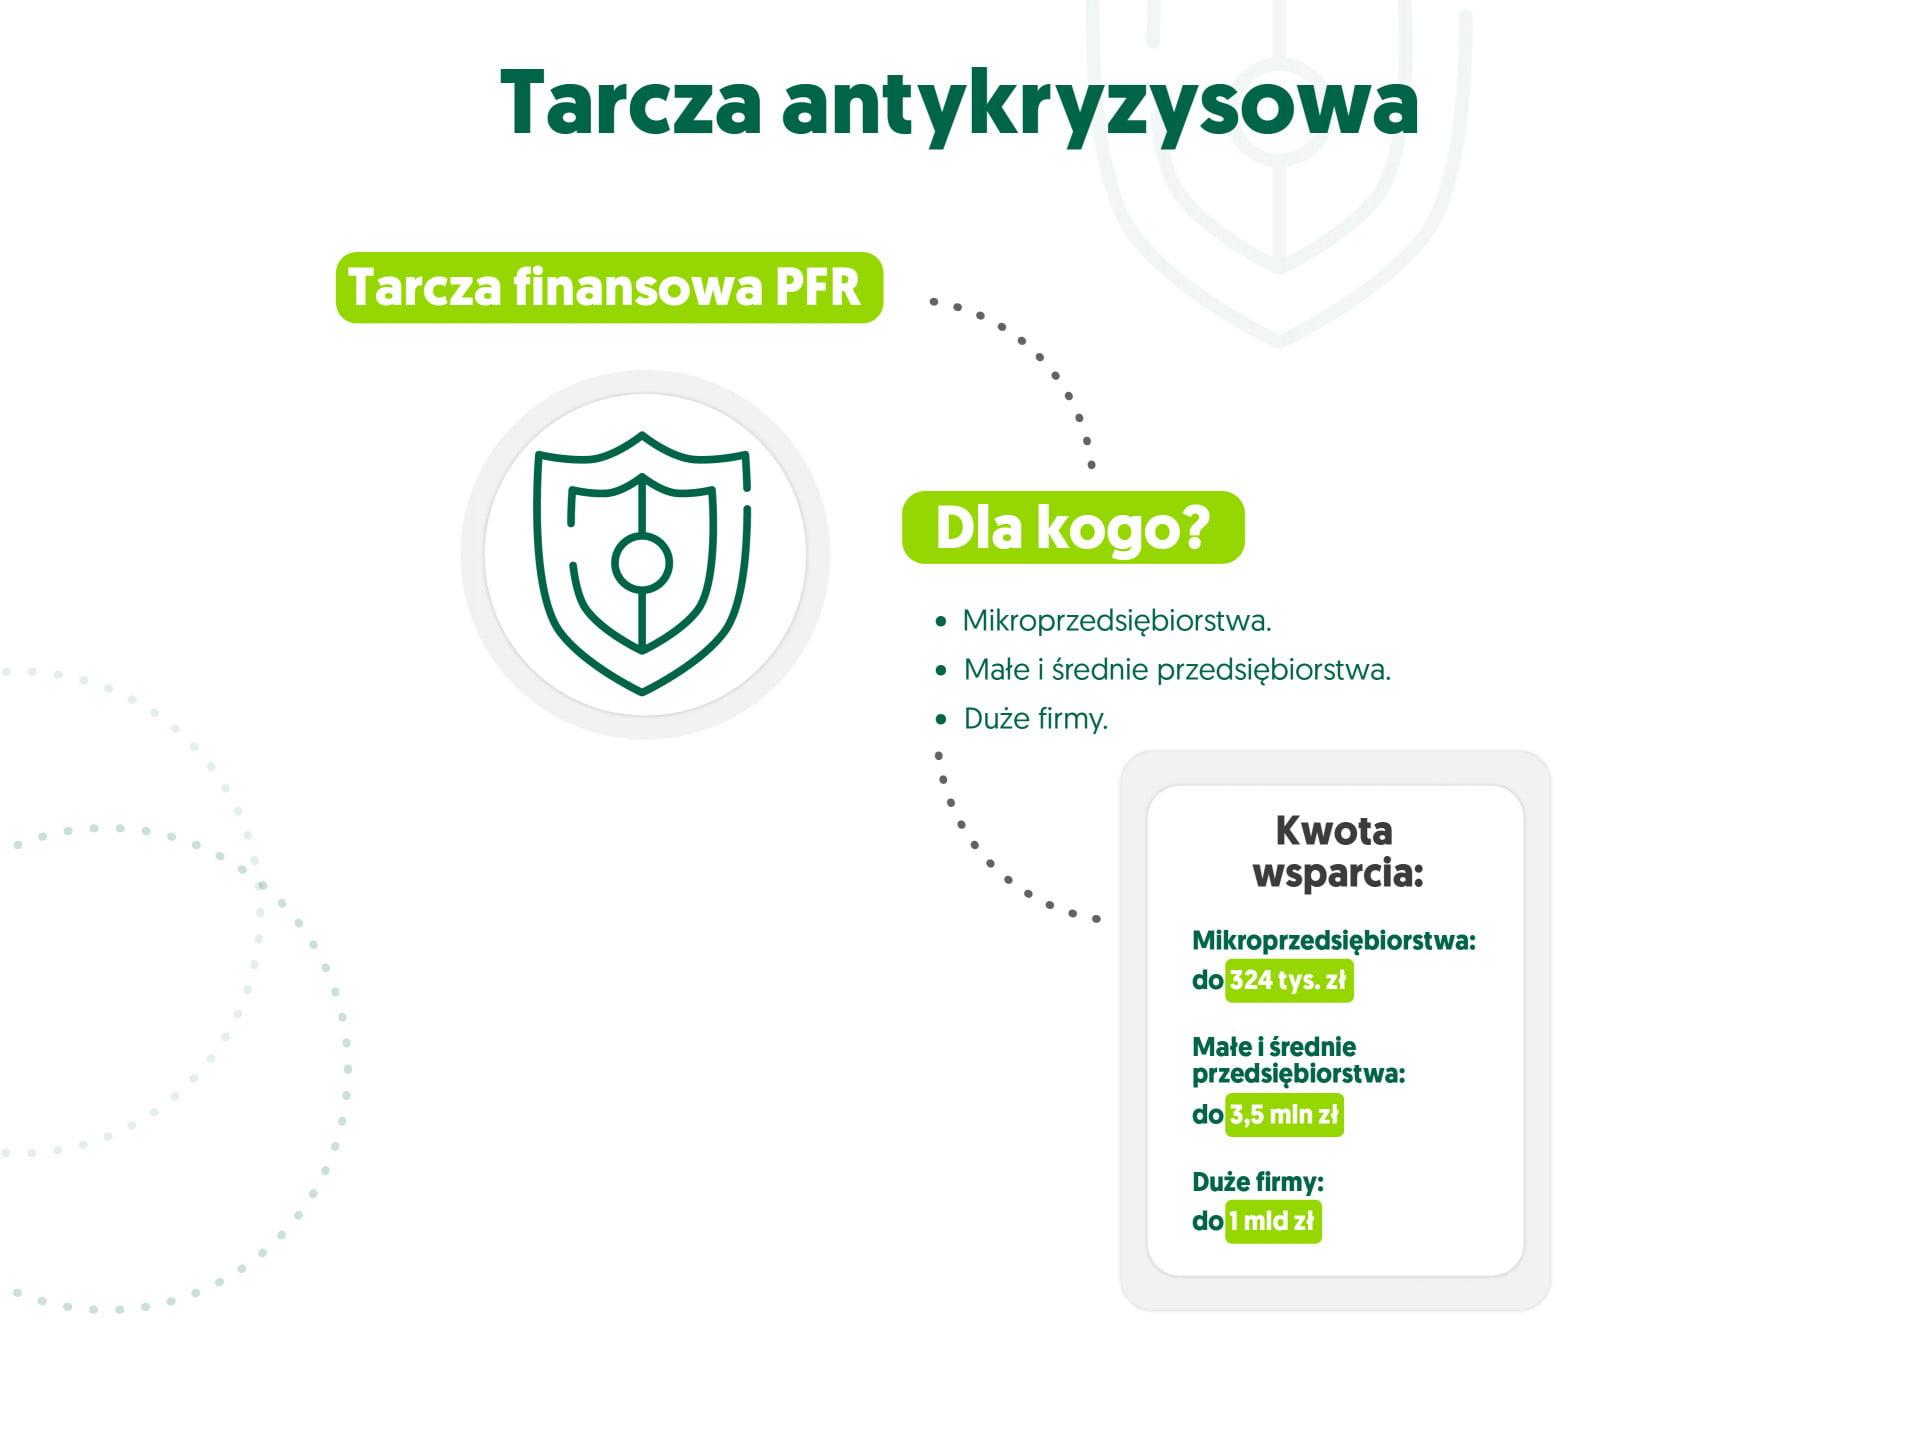 infografika tarcza antykryzysowa - tarcza finansowa PFR